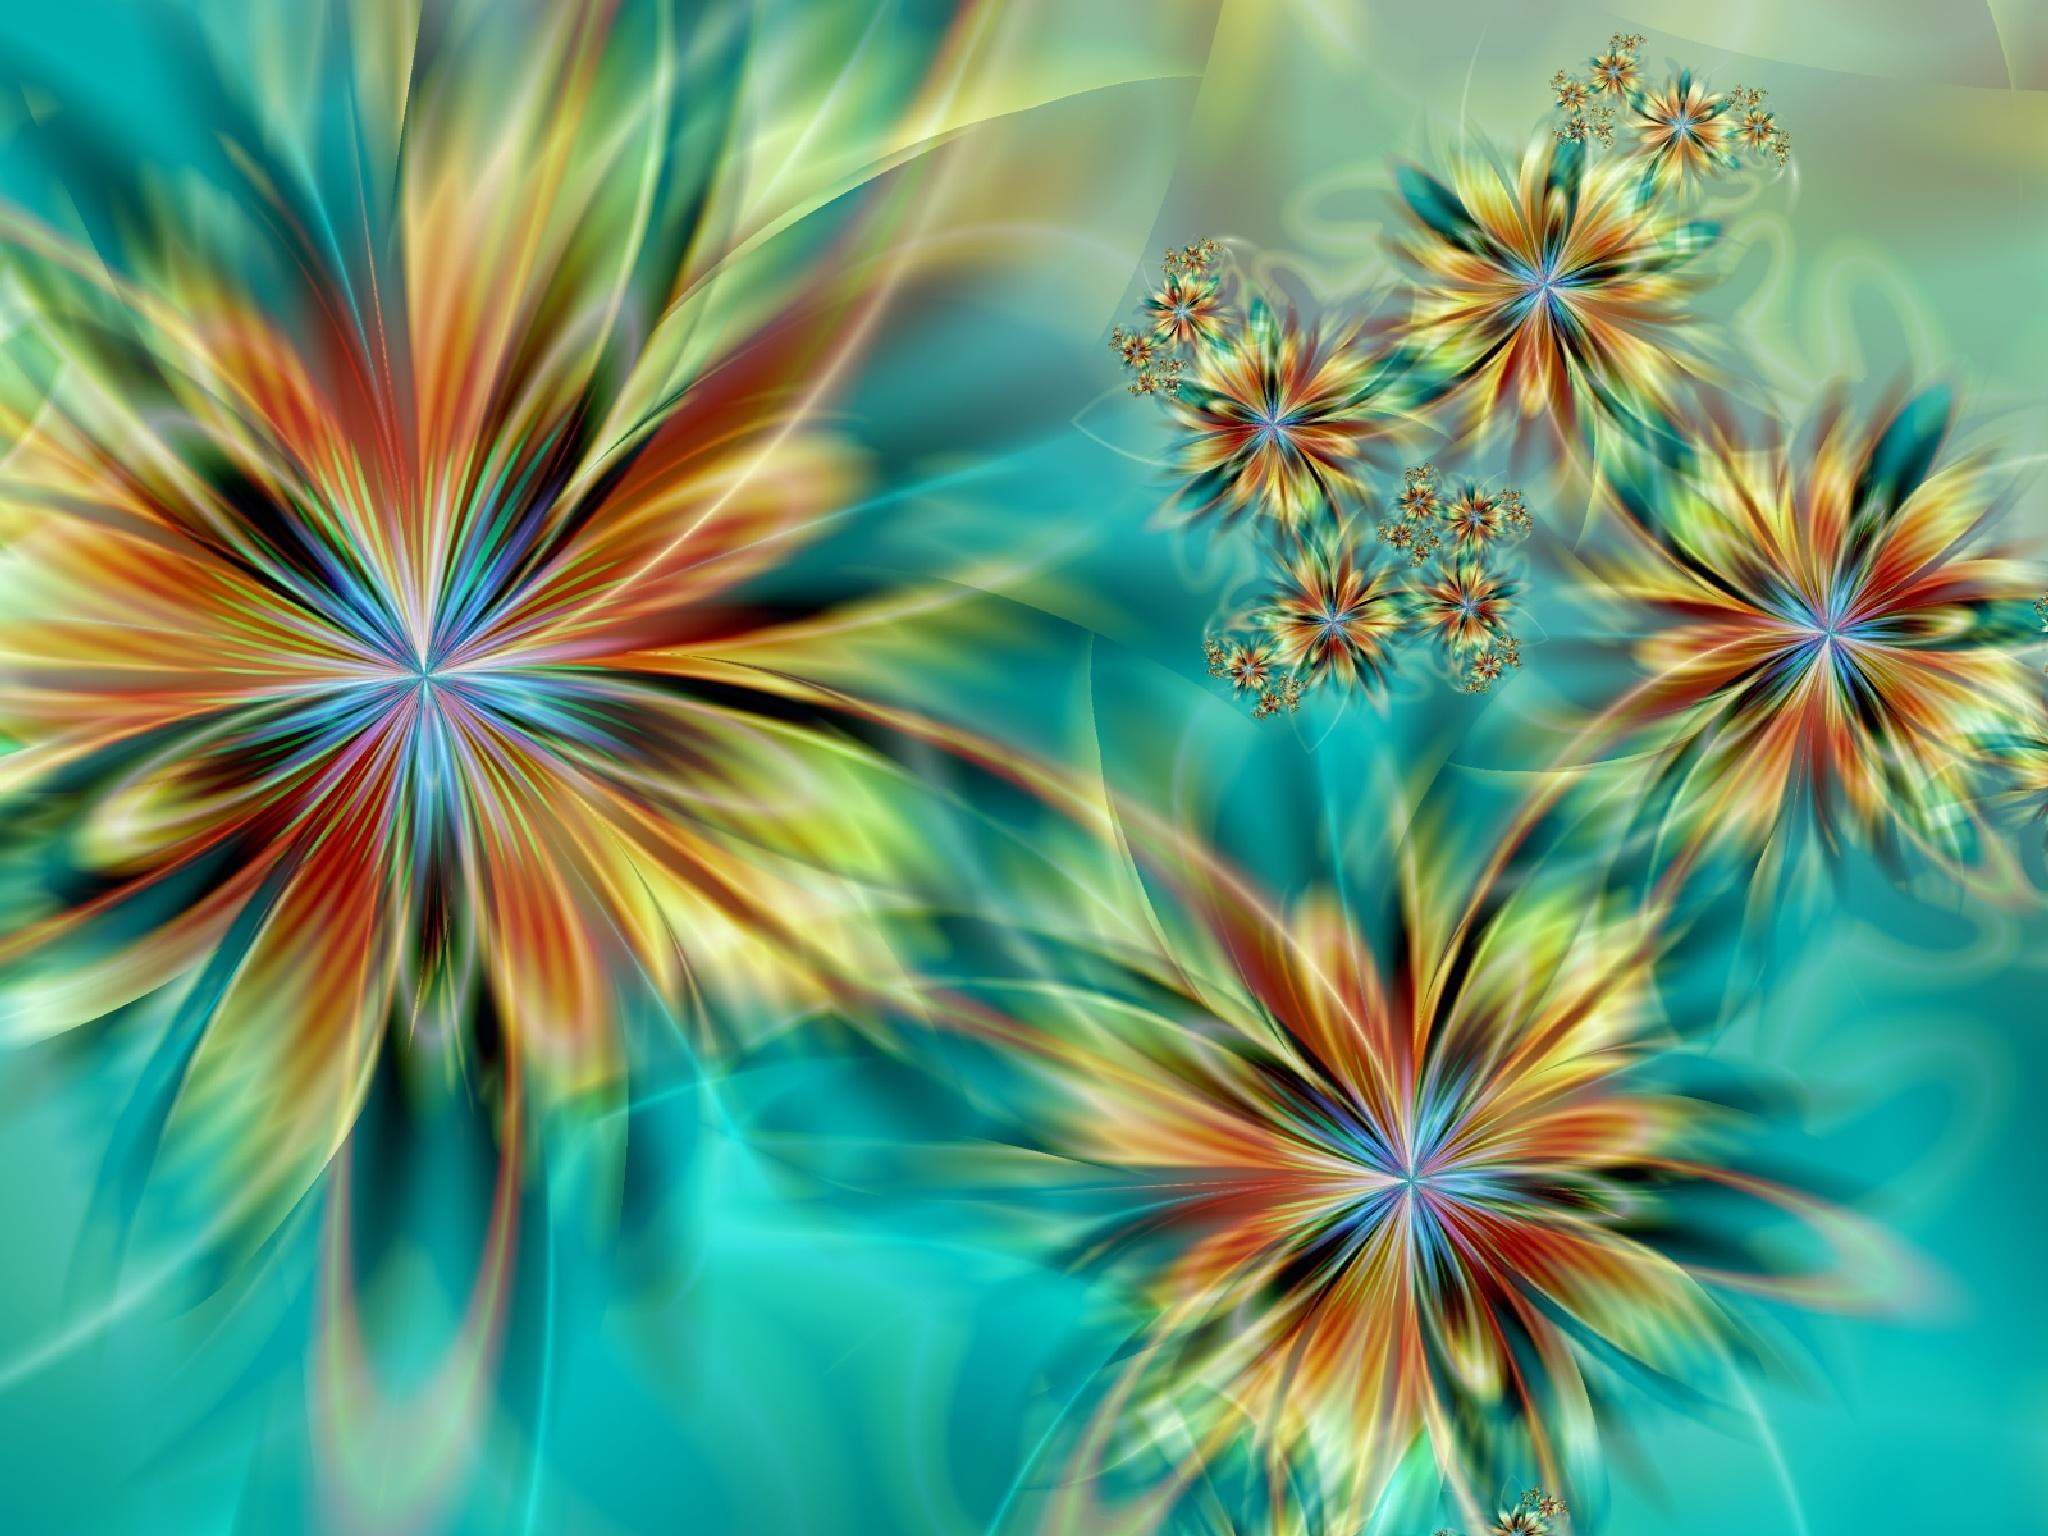 Fancy Colors by Joe-Maccer